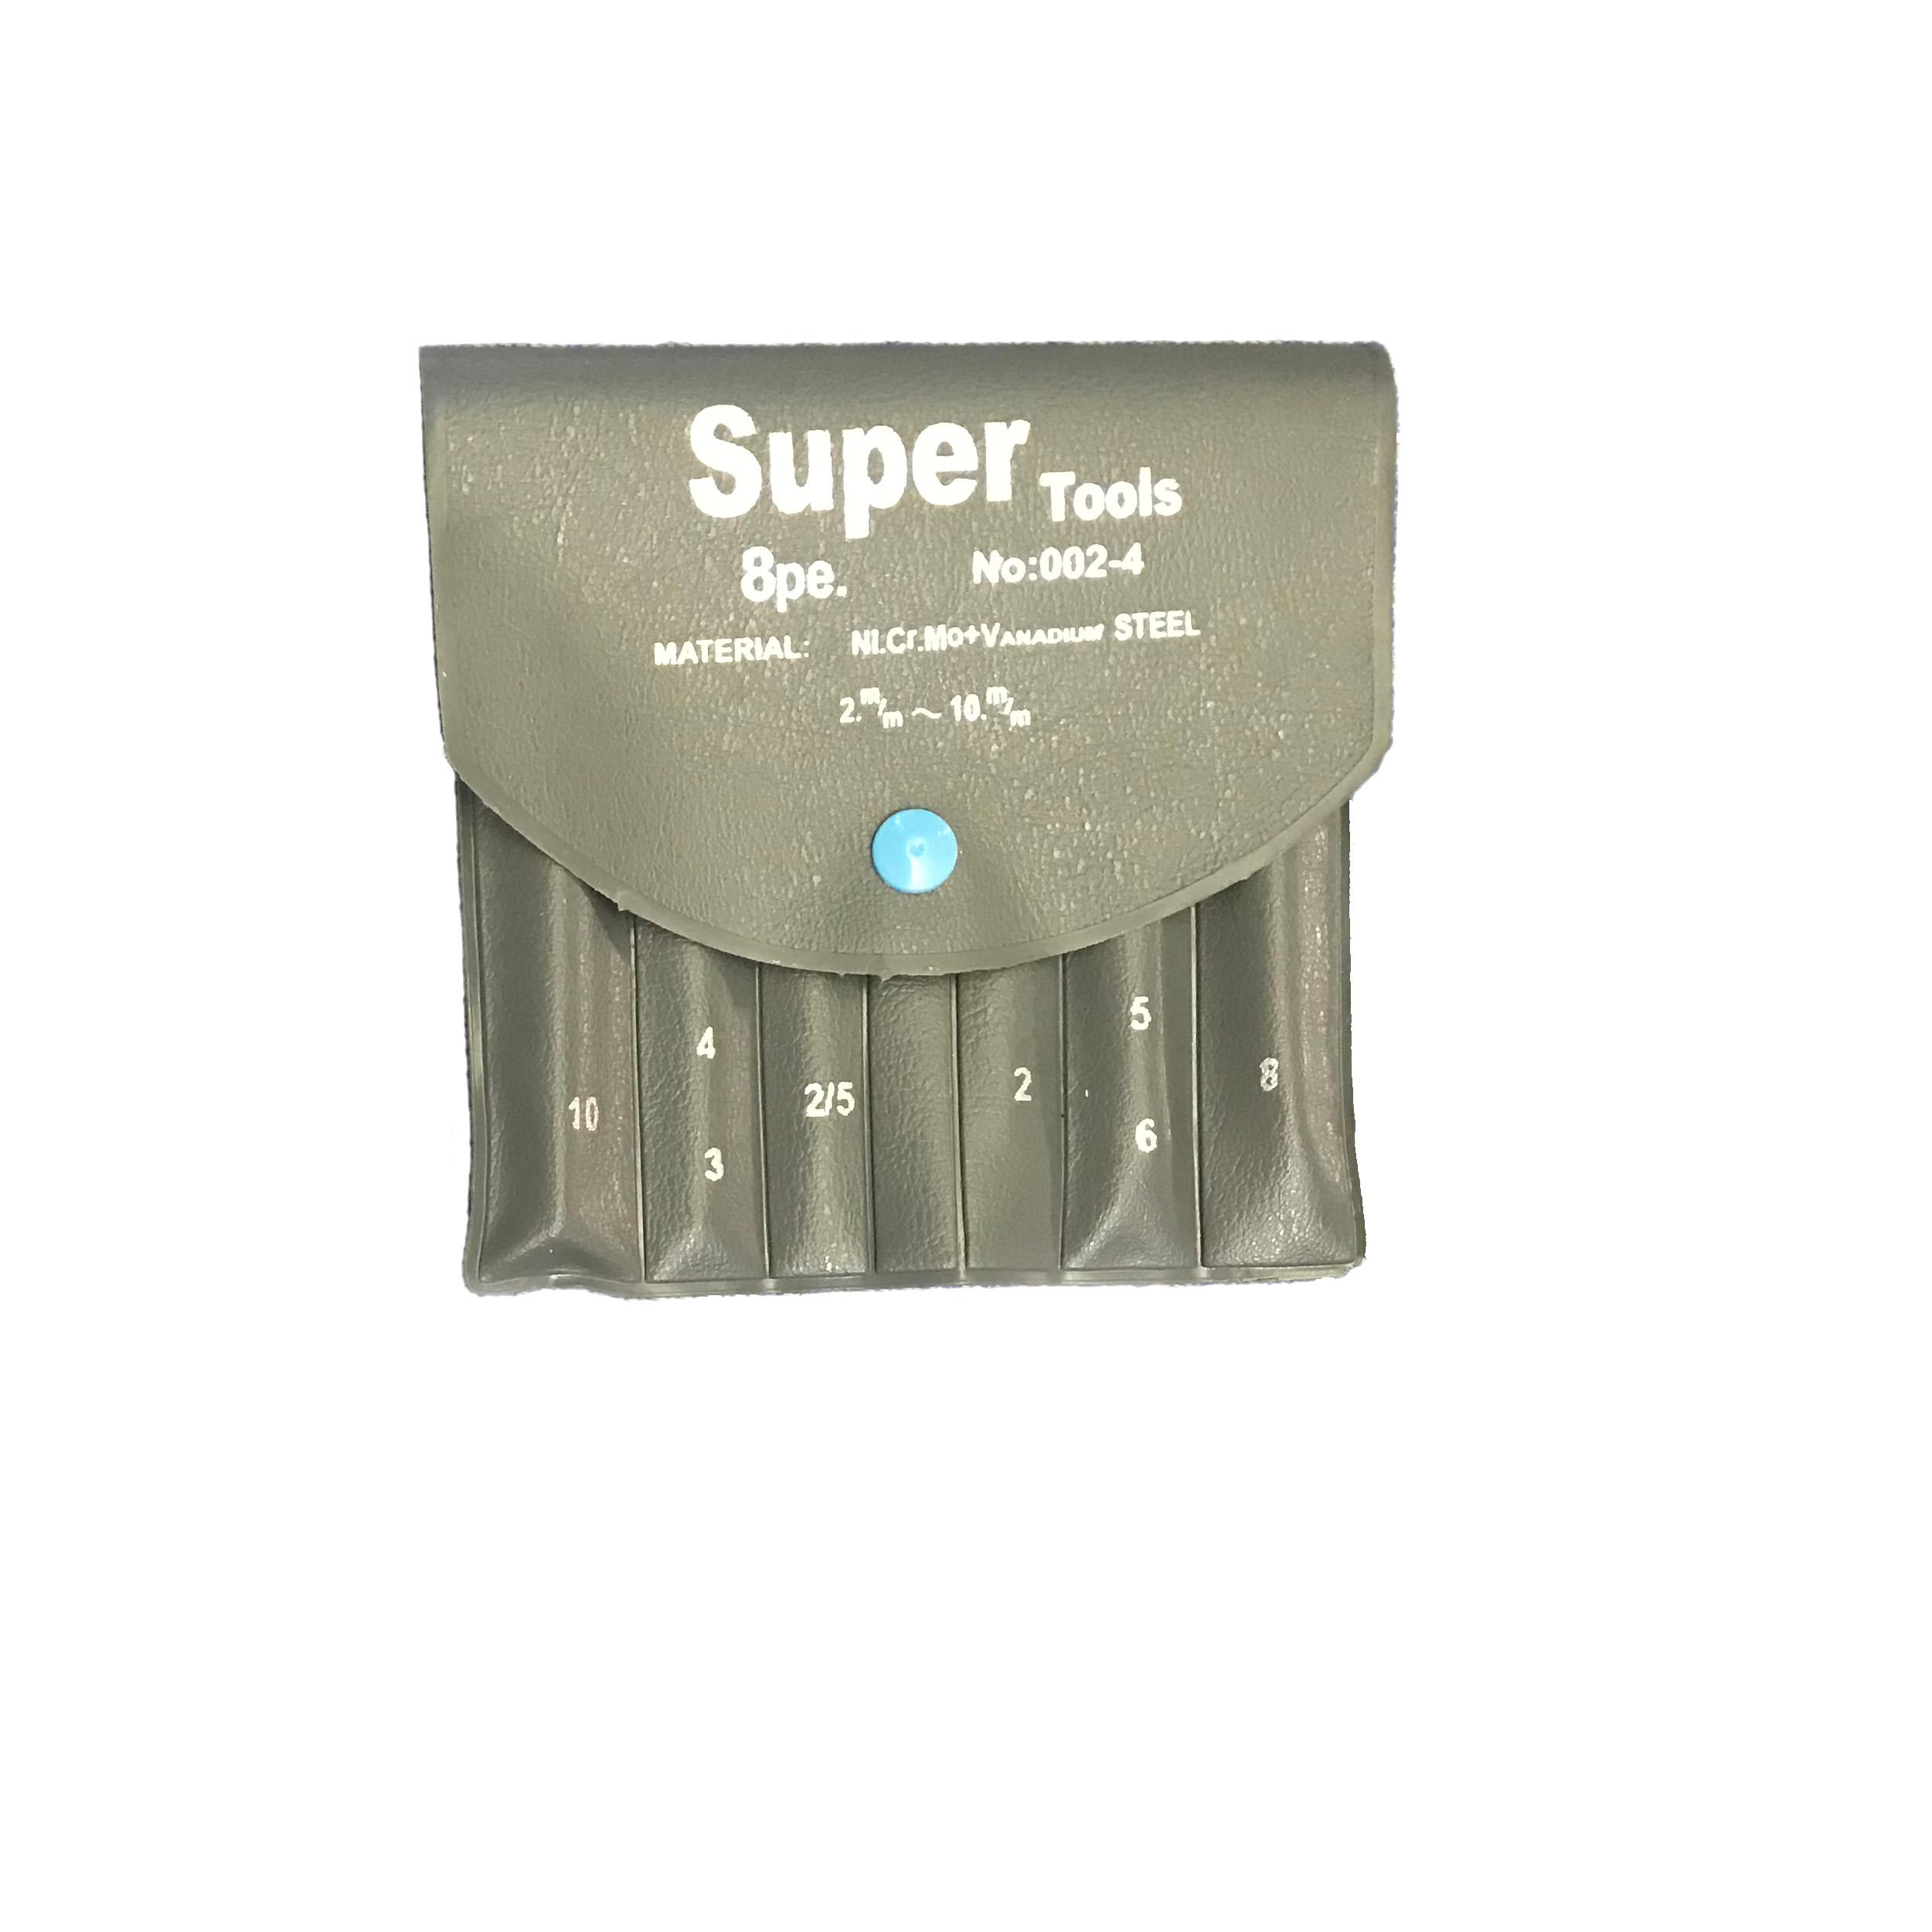 قیمت مجموعه ۸ عددی آچار آلن سوپرتولز مدل QR-X1